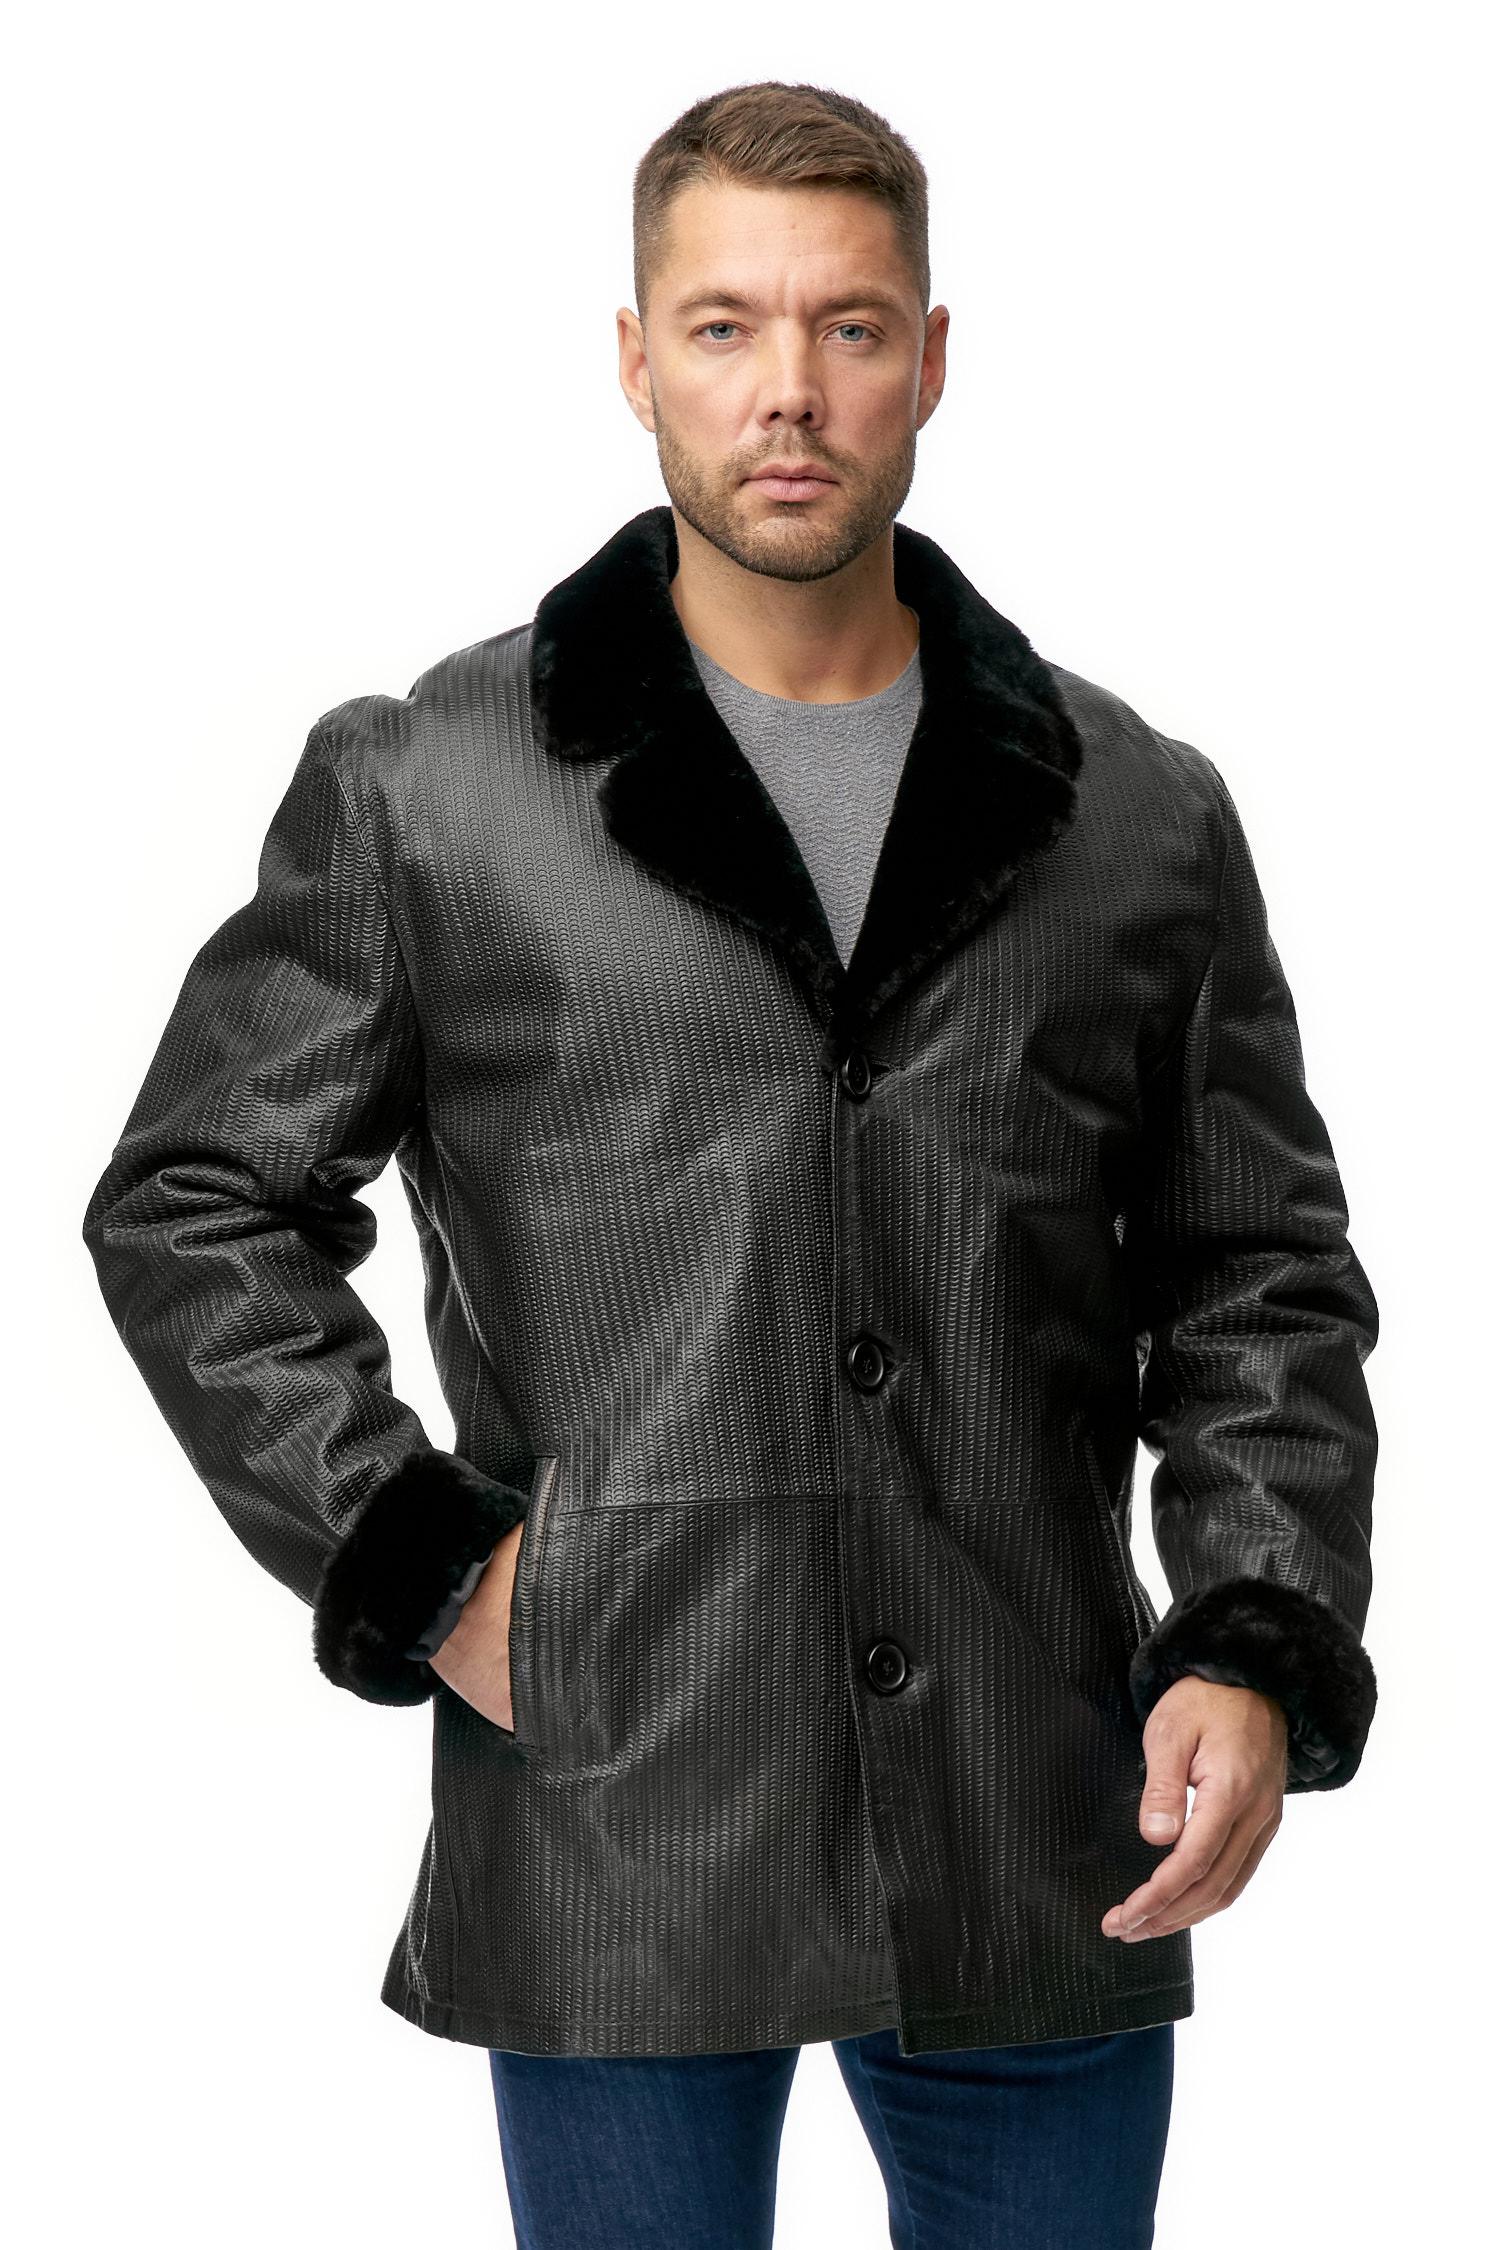 МОСМЕХА мужская кожаная куртка на меху купить